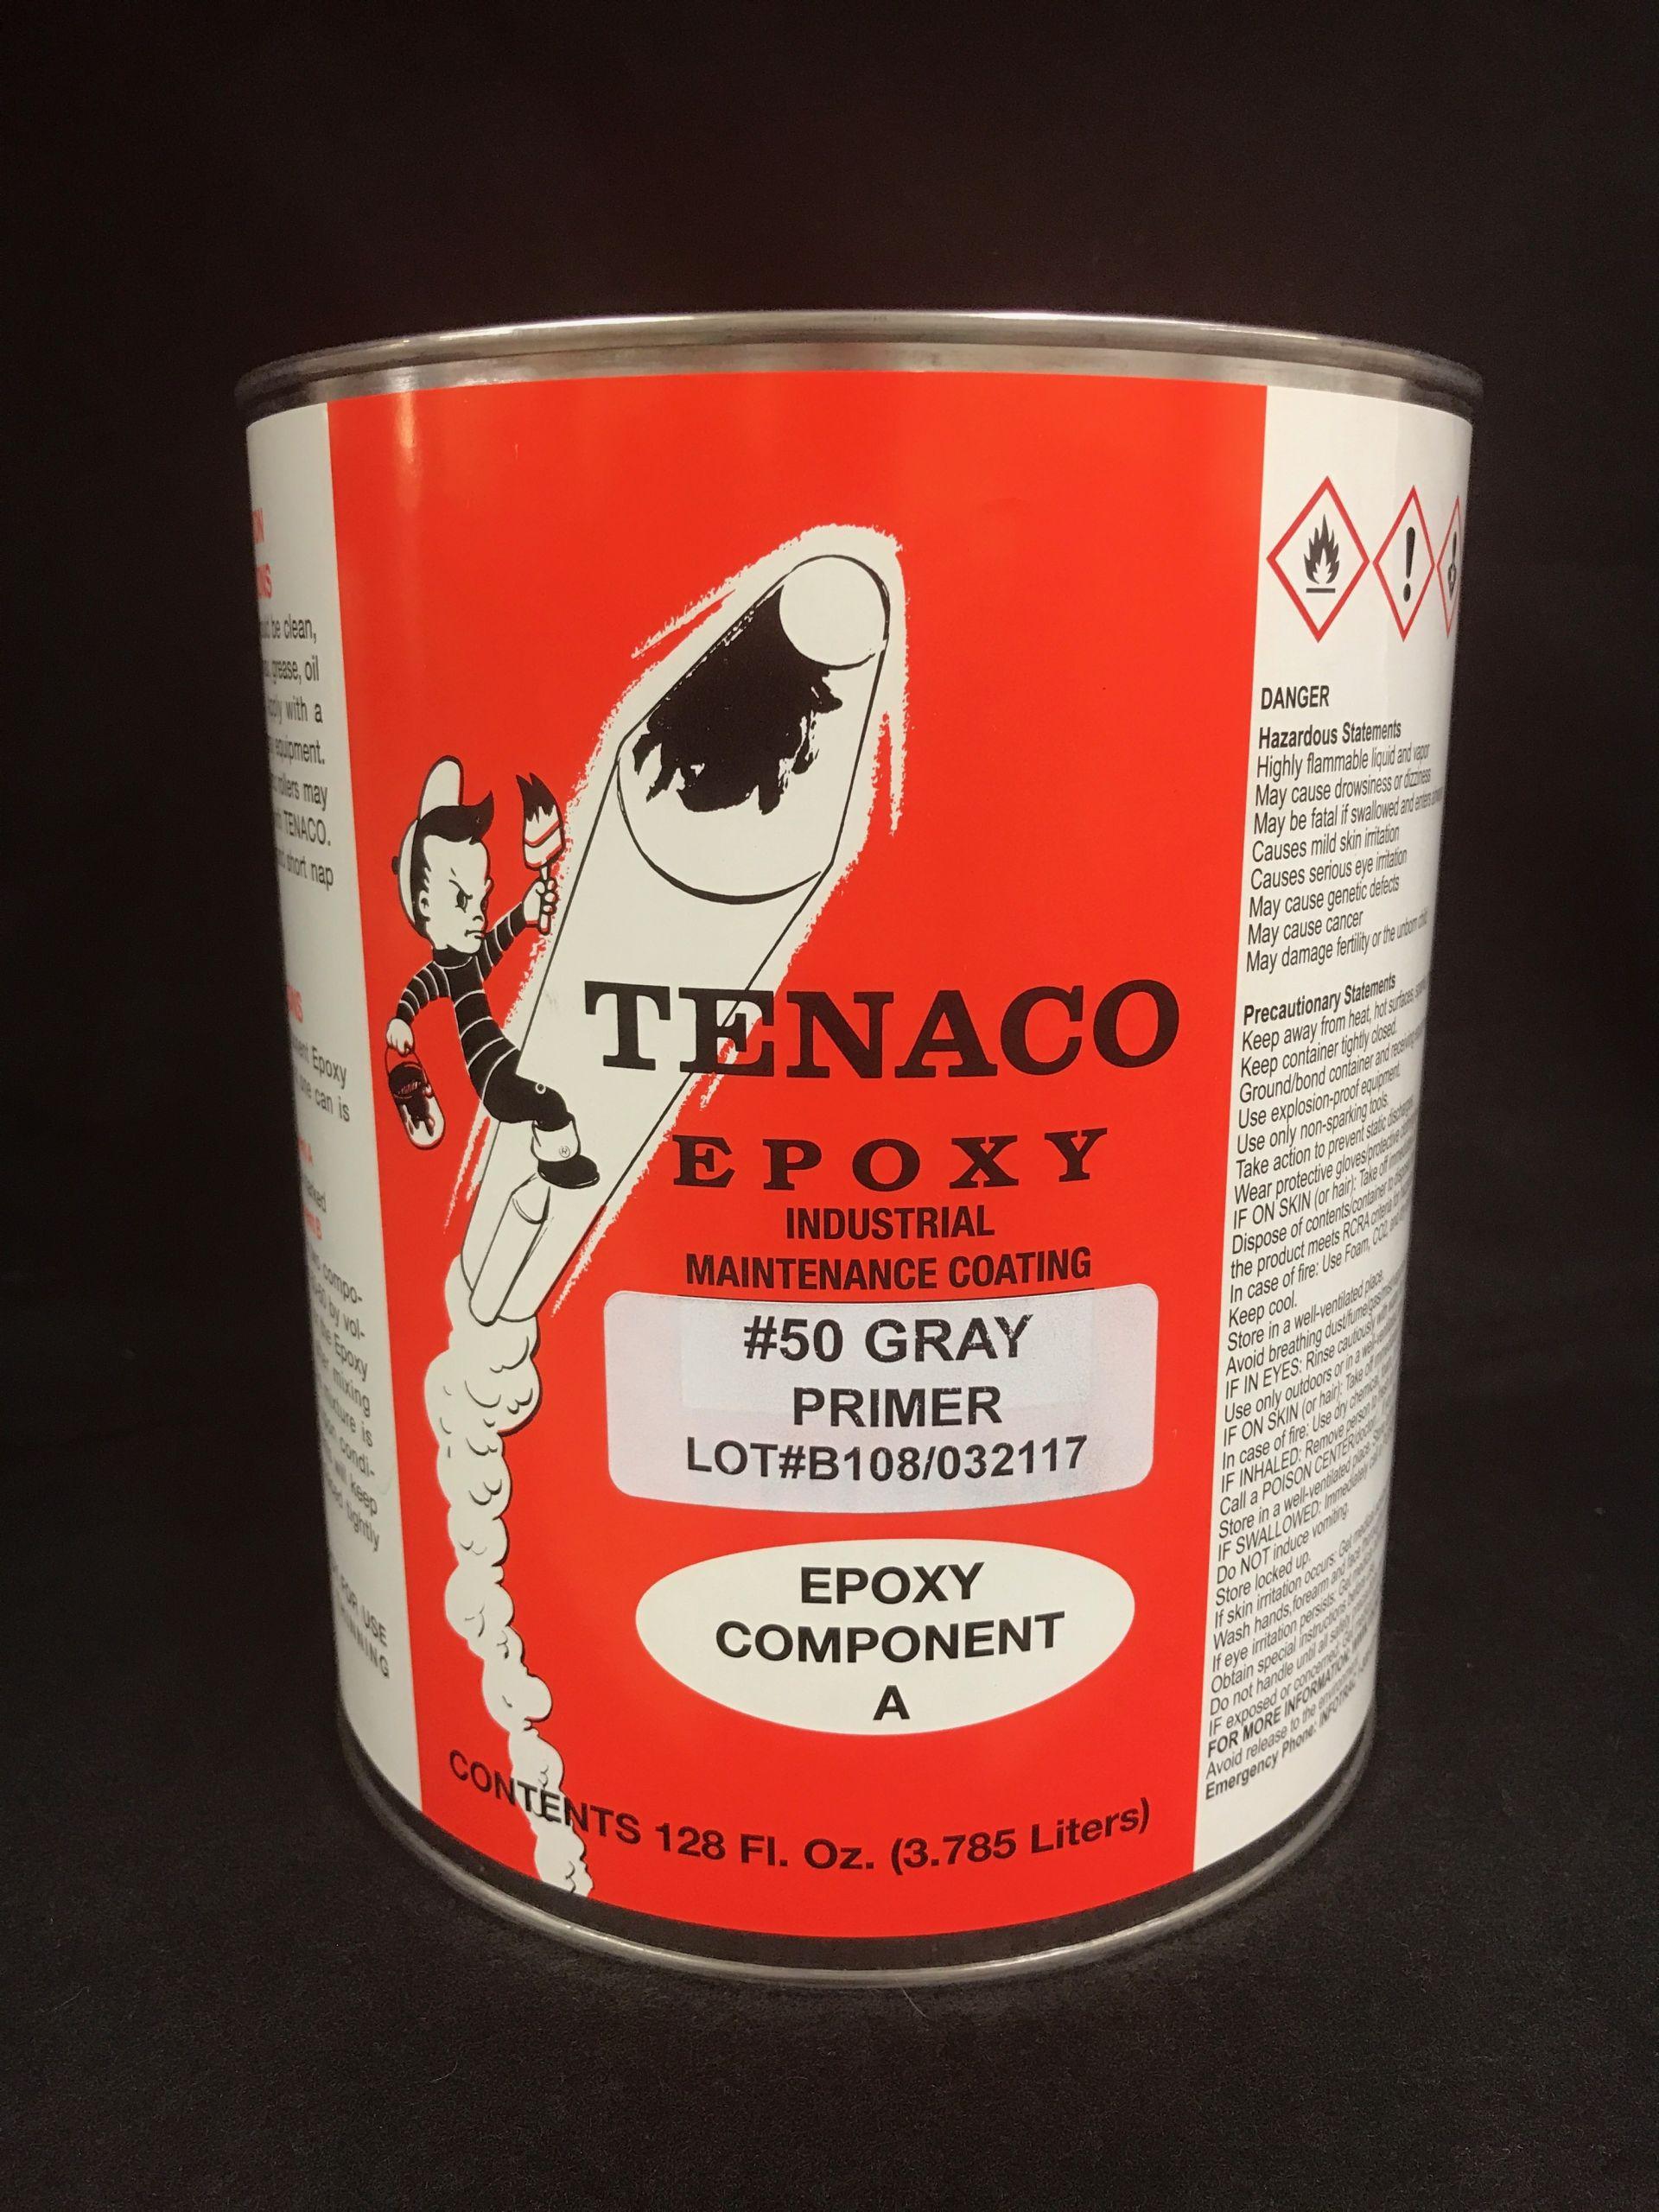 Tenaco Epoxy